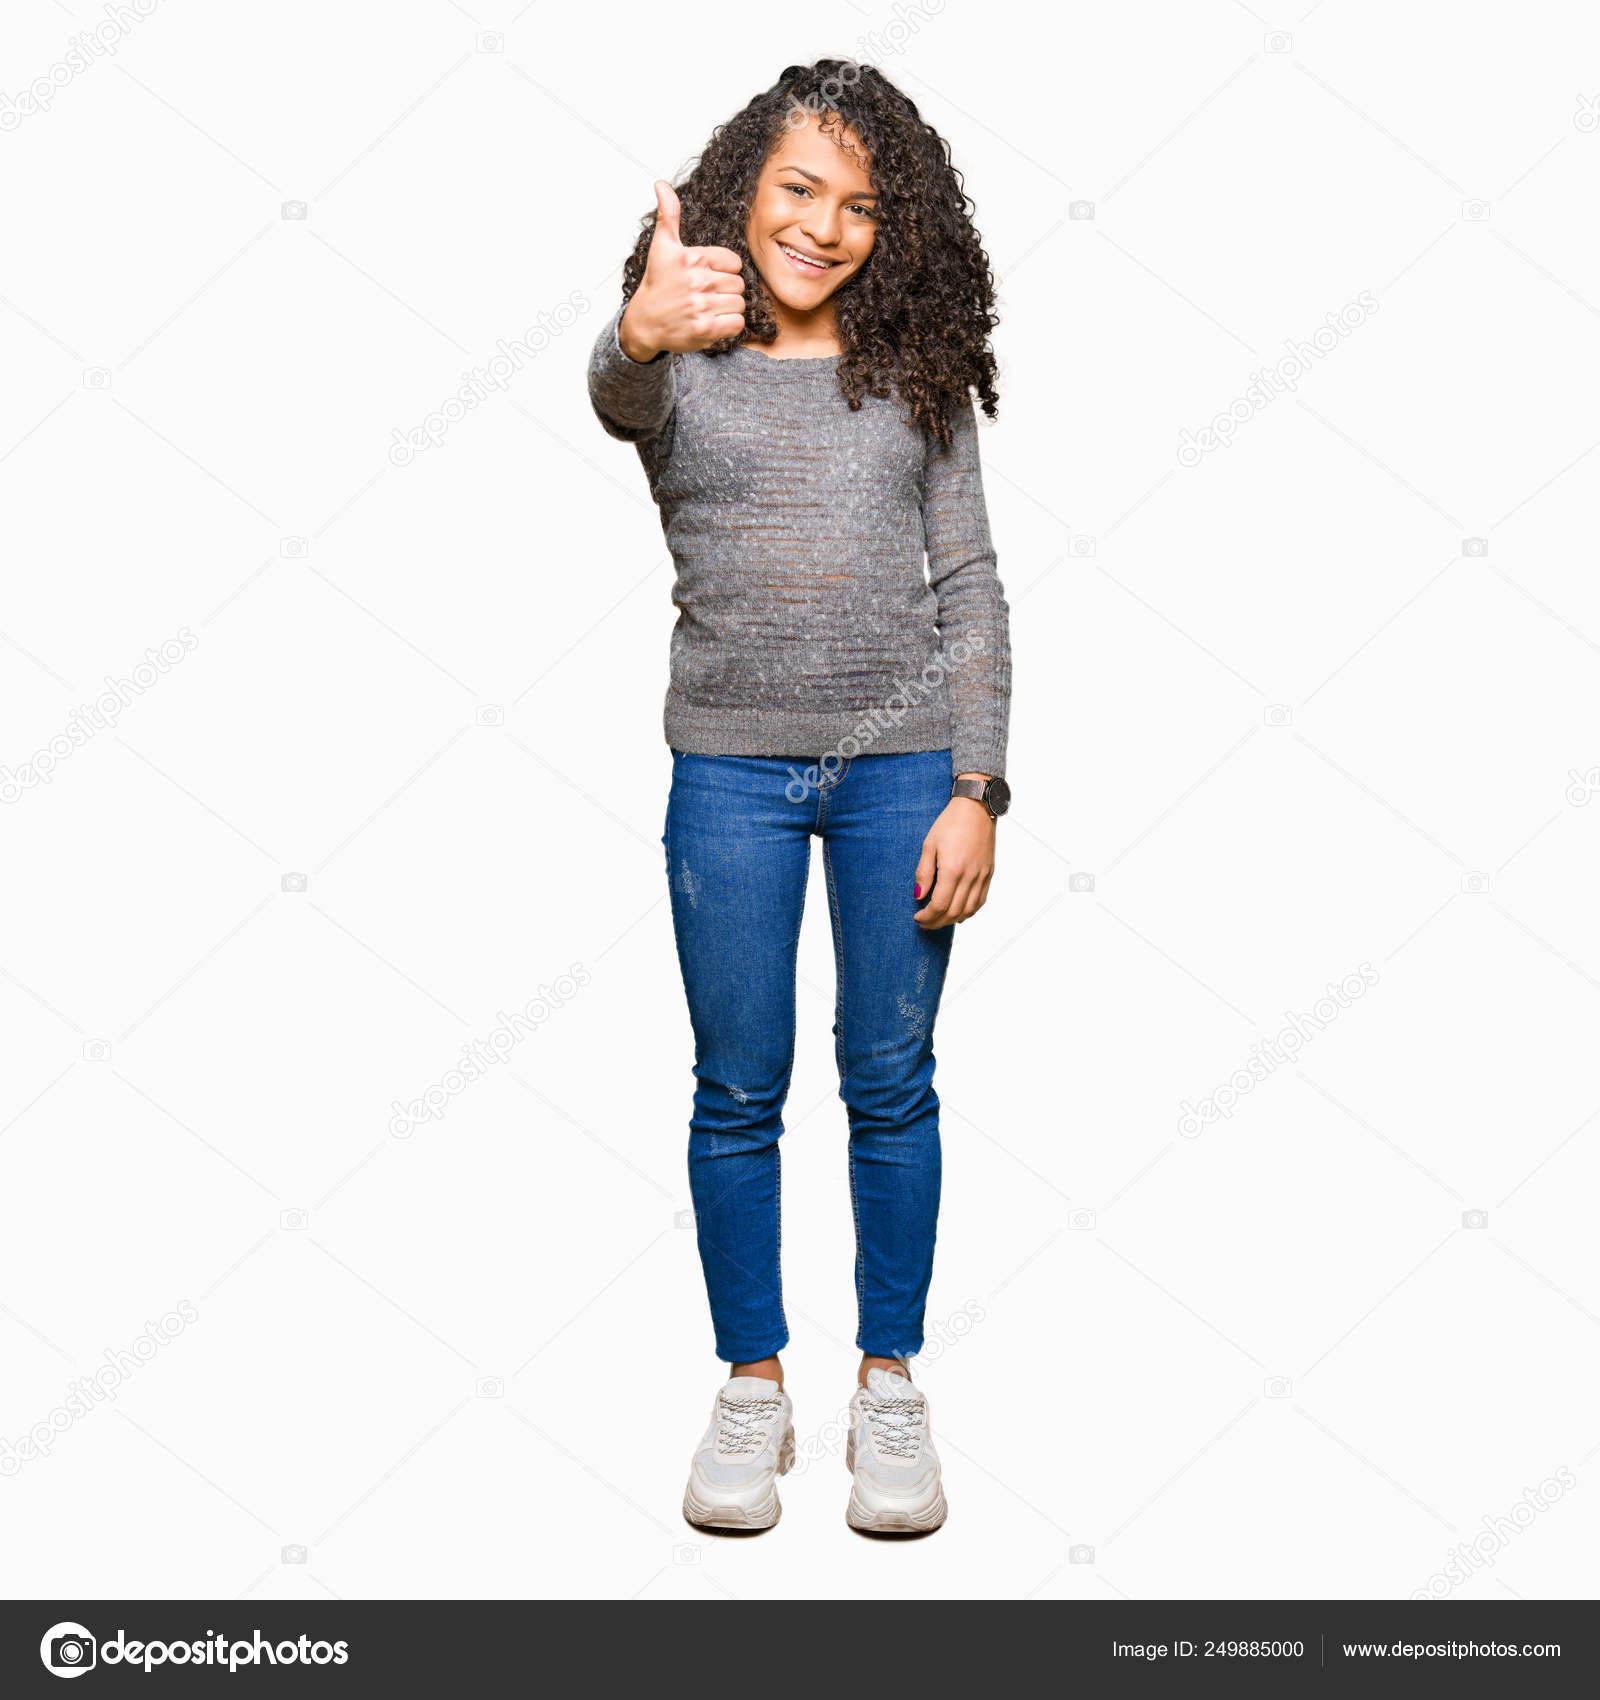 1e8f15589 Camisola Jovem Mulher Bonita Com Cabelo Encaracolado Vestindo Cinza Fazendo  — Fotografia de Stock